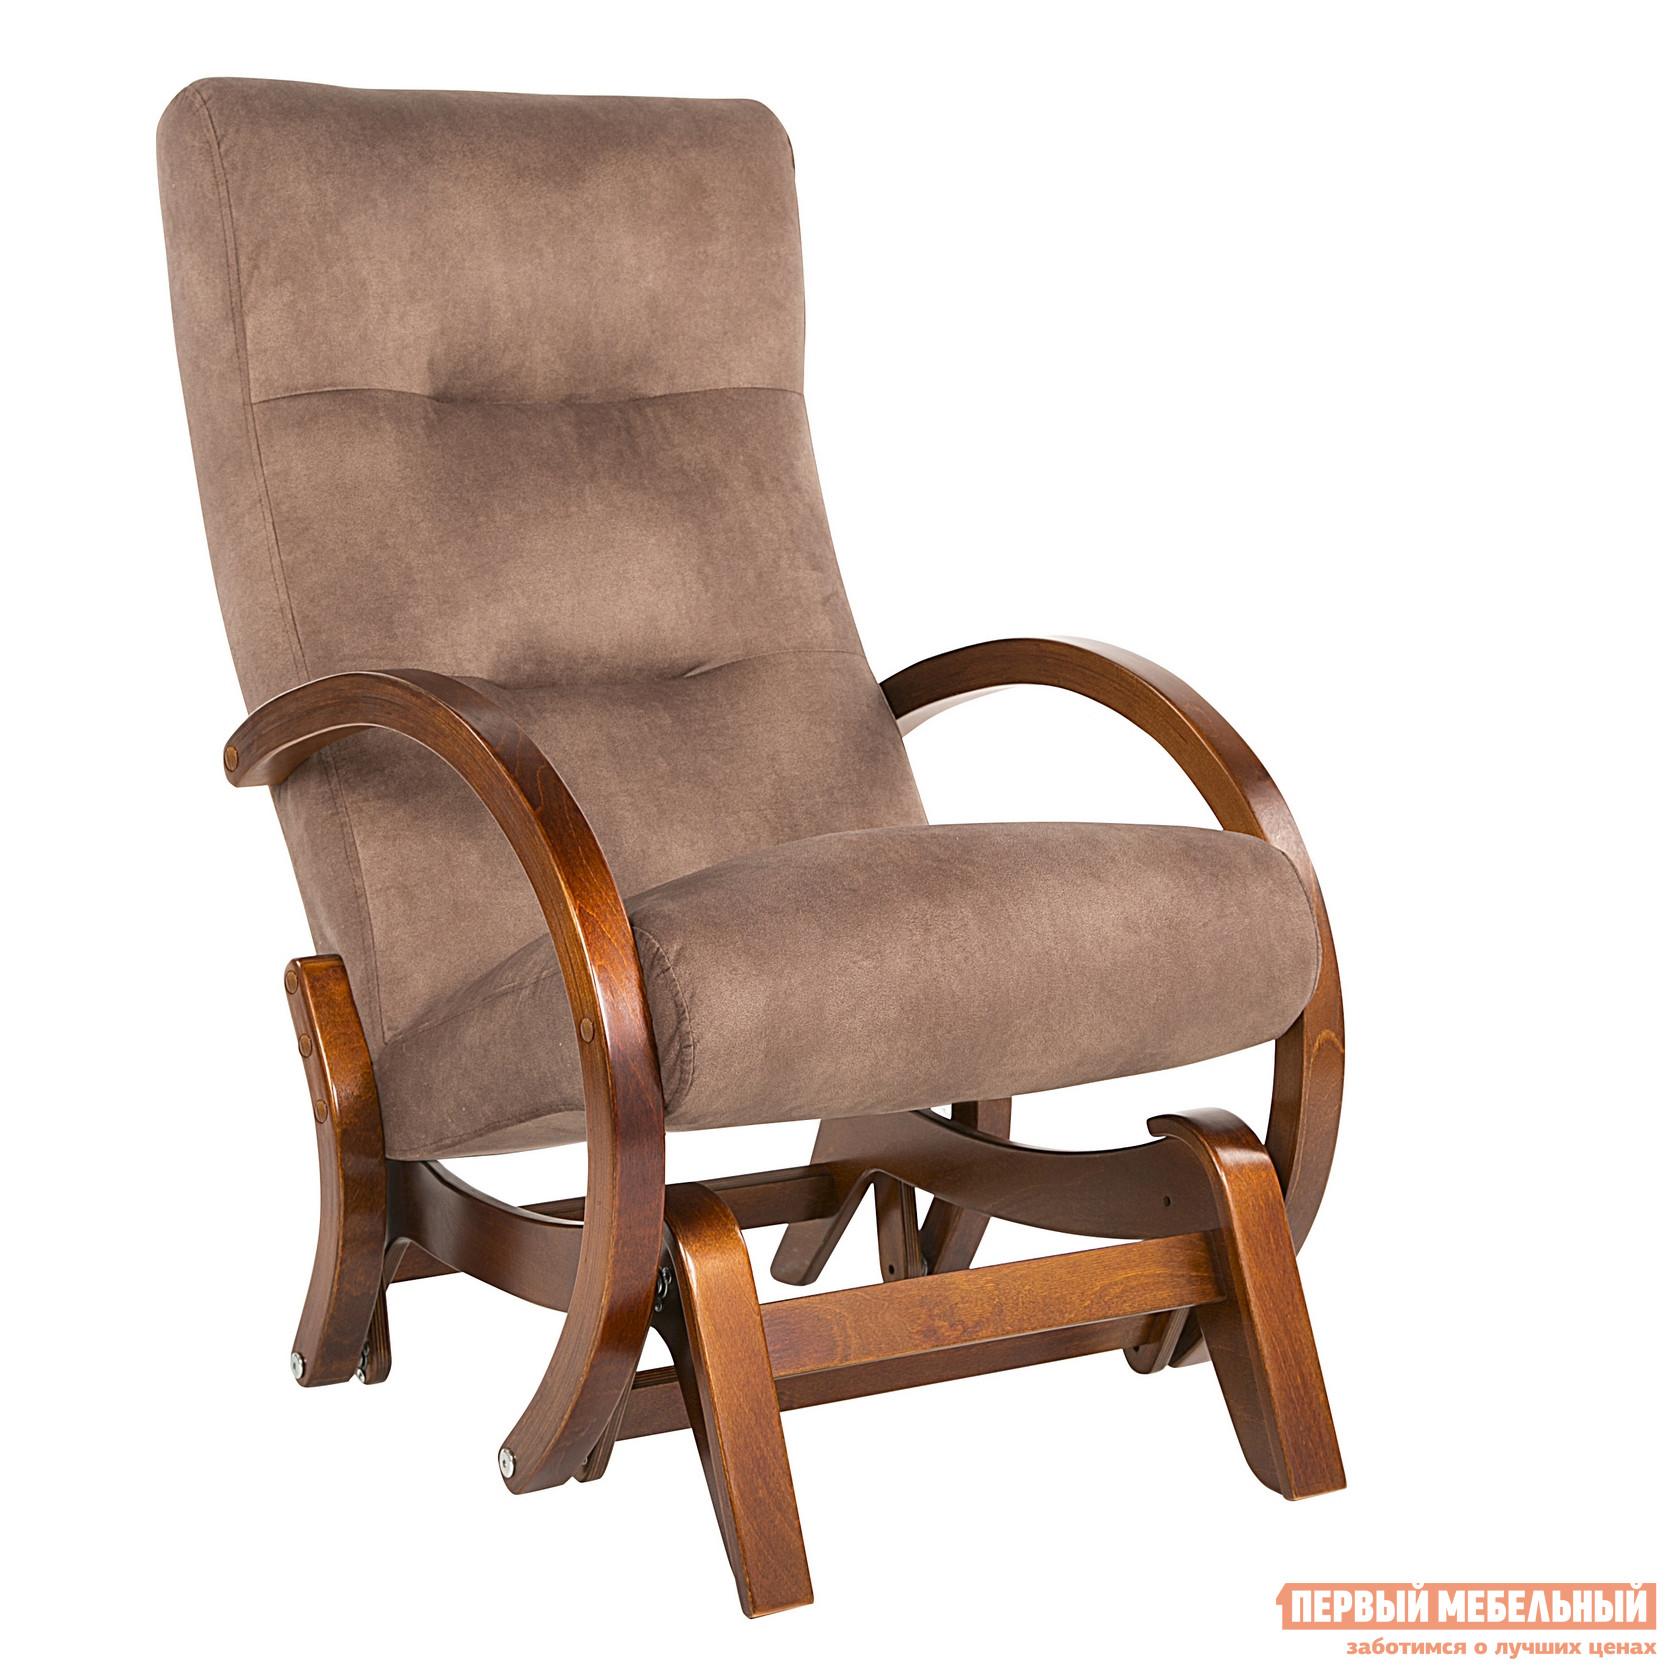 Кресло-качалка  Мэтисон Вишня, Орех